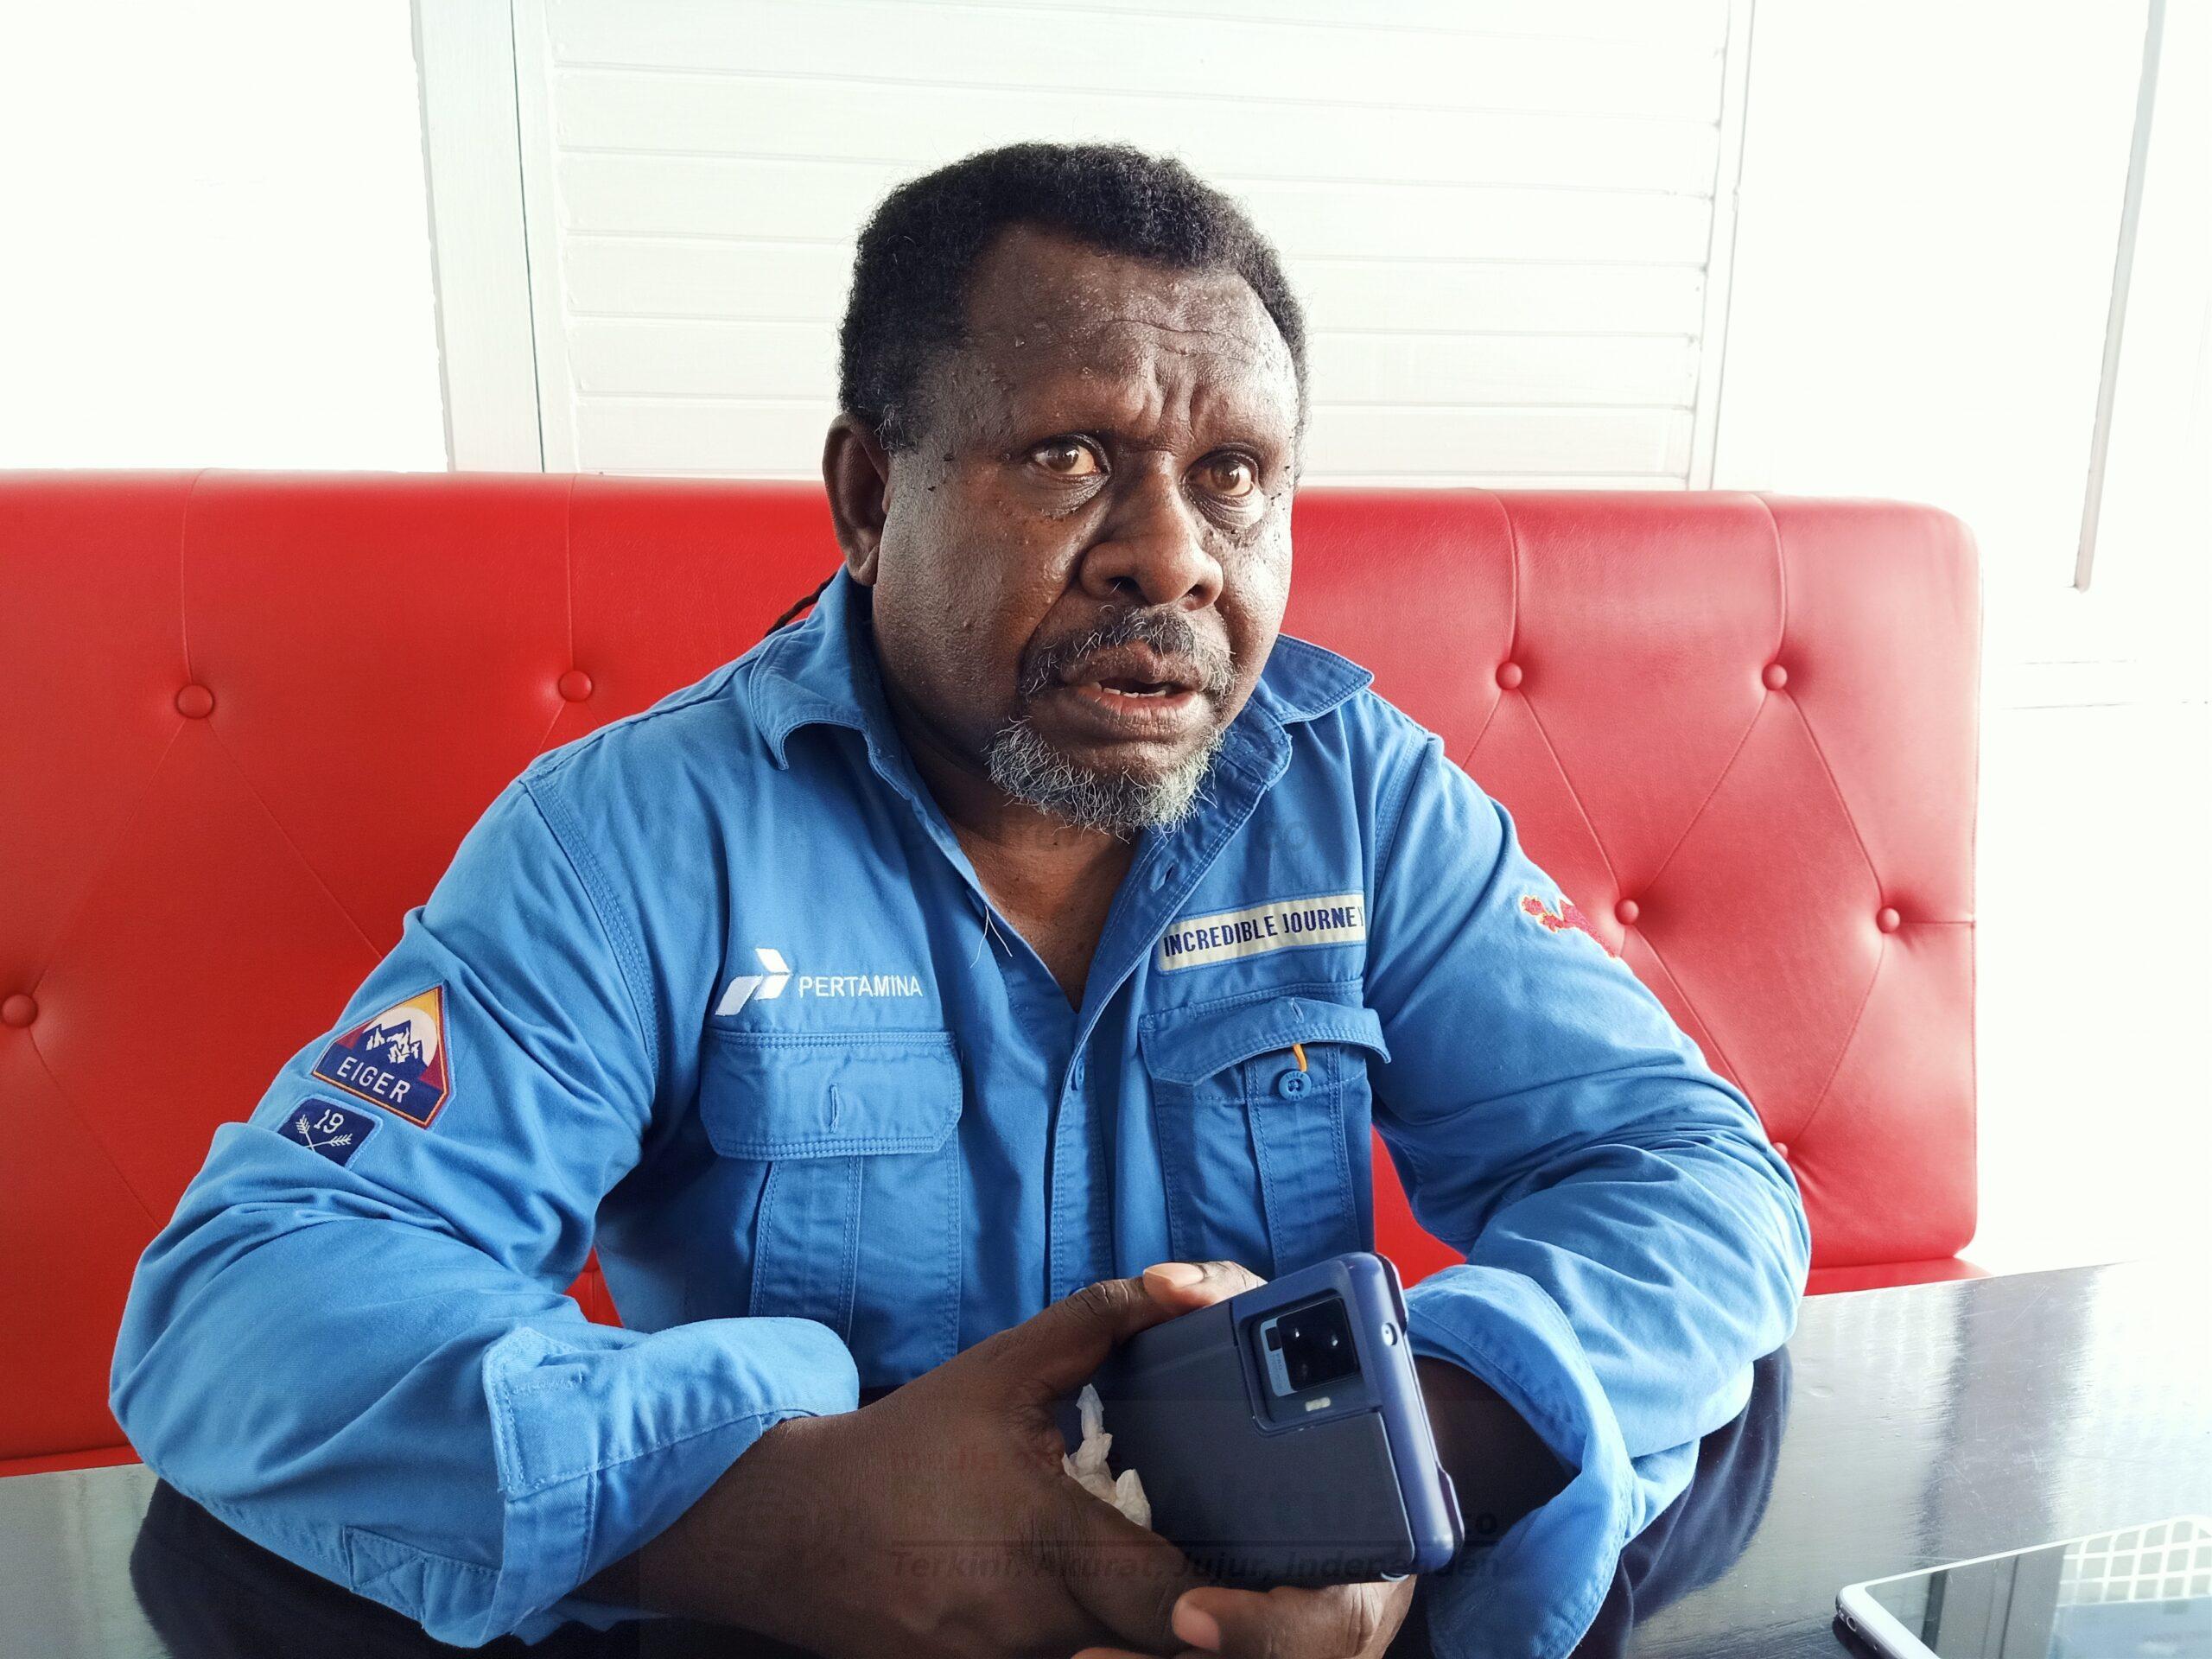 Pertamina Maluku Dan Papua, Minta Polisi Juga Pemerintah Ungkap Modus Kelangkaan Minyak Tanah 26 IMG20201123140456 scaled